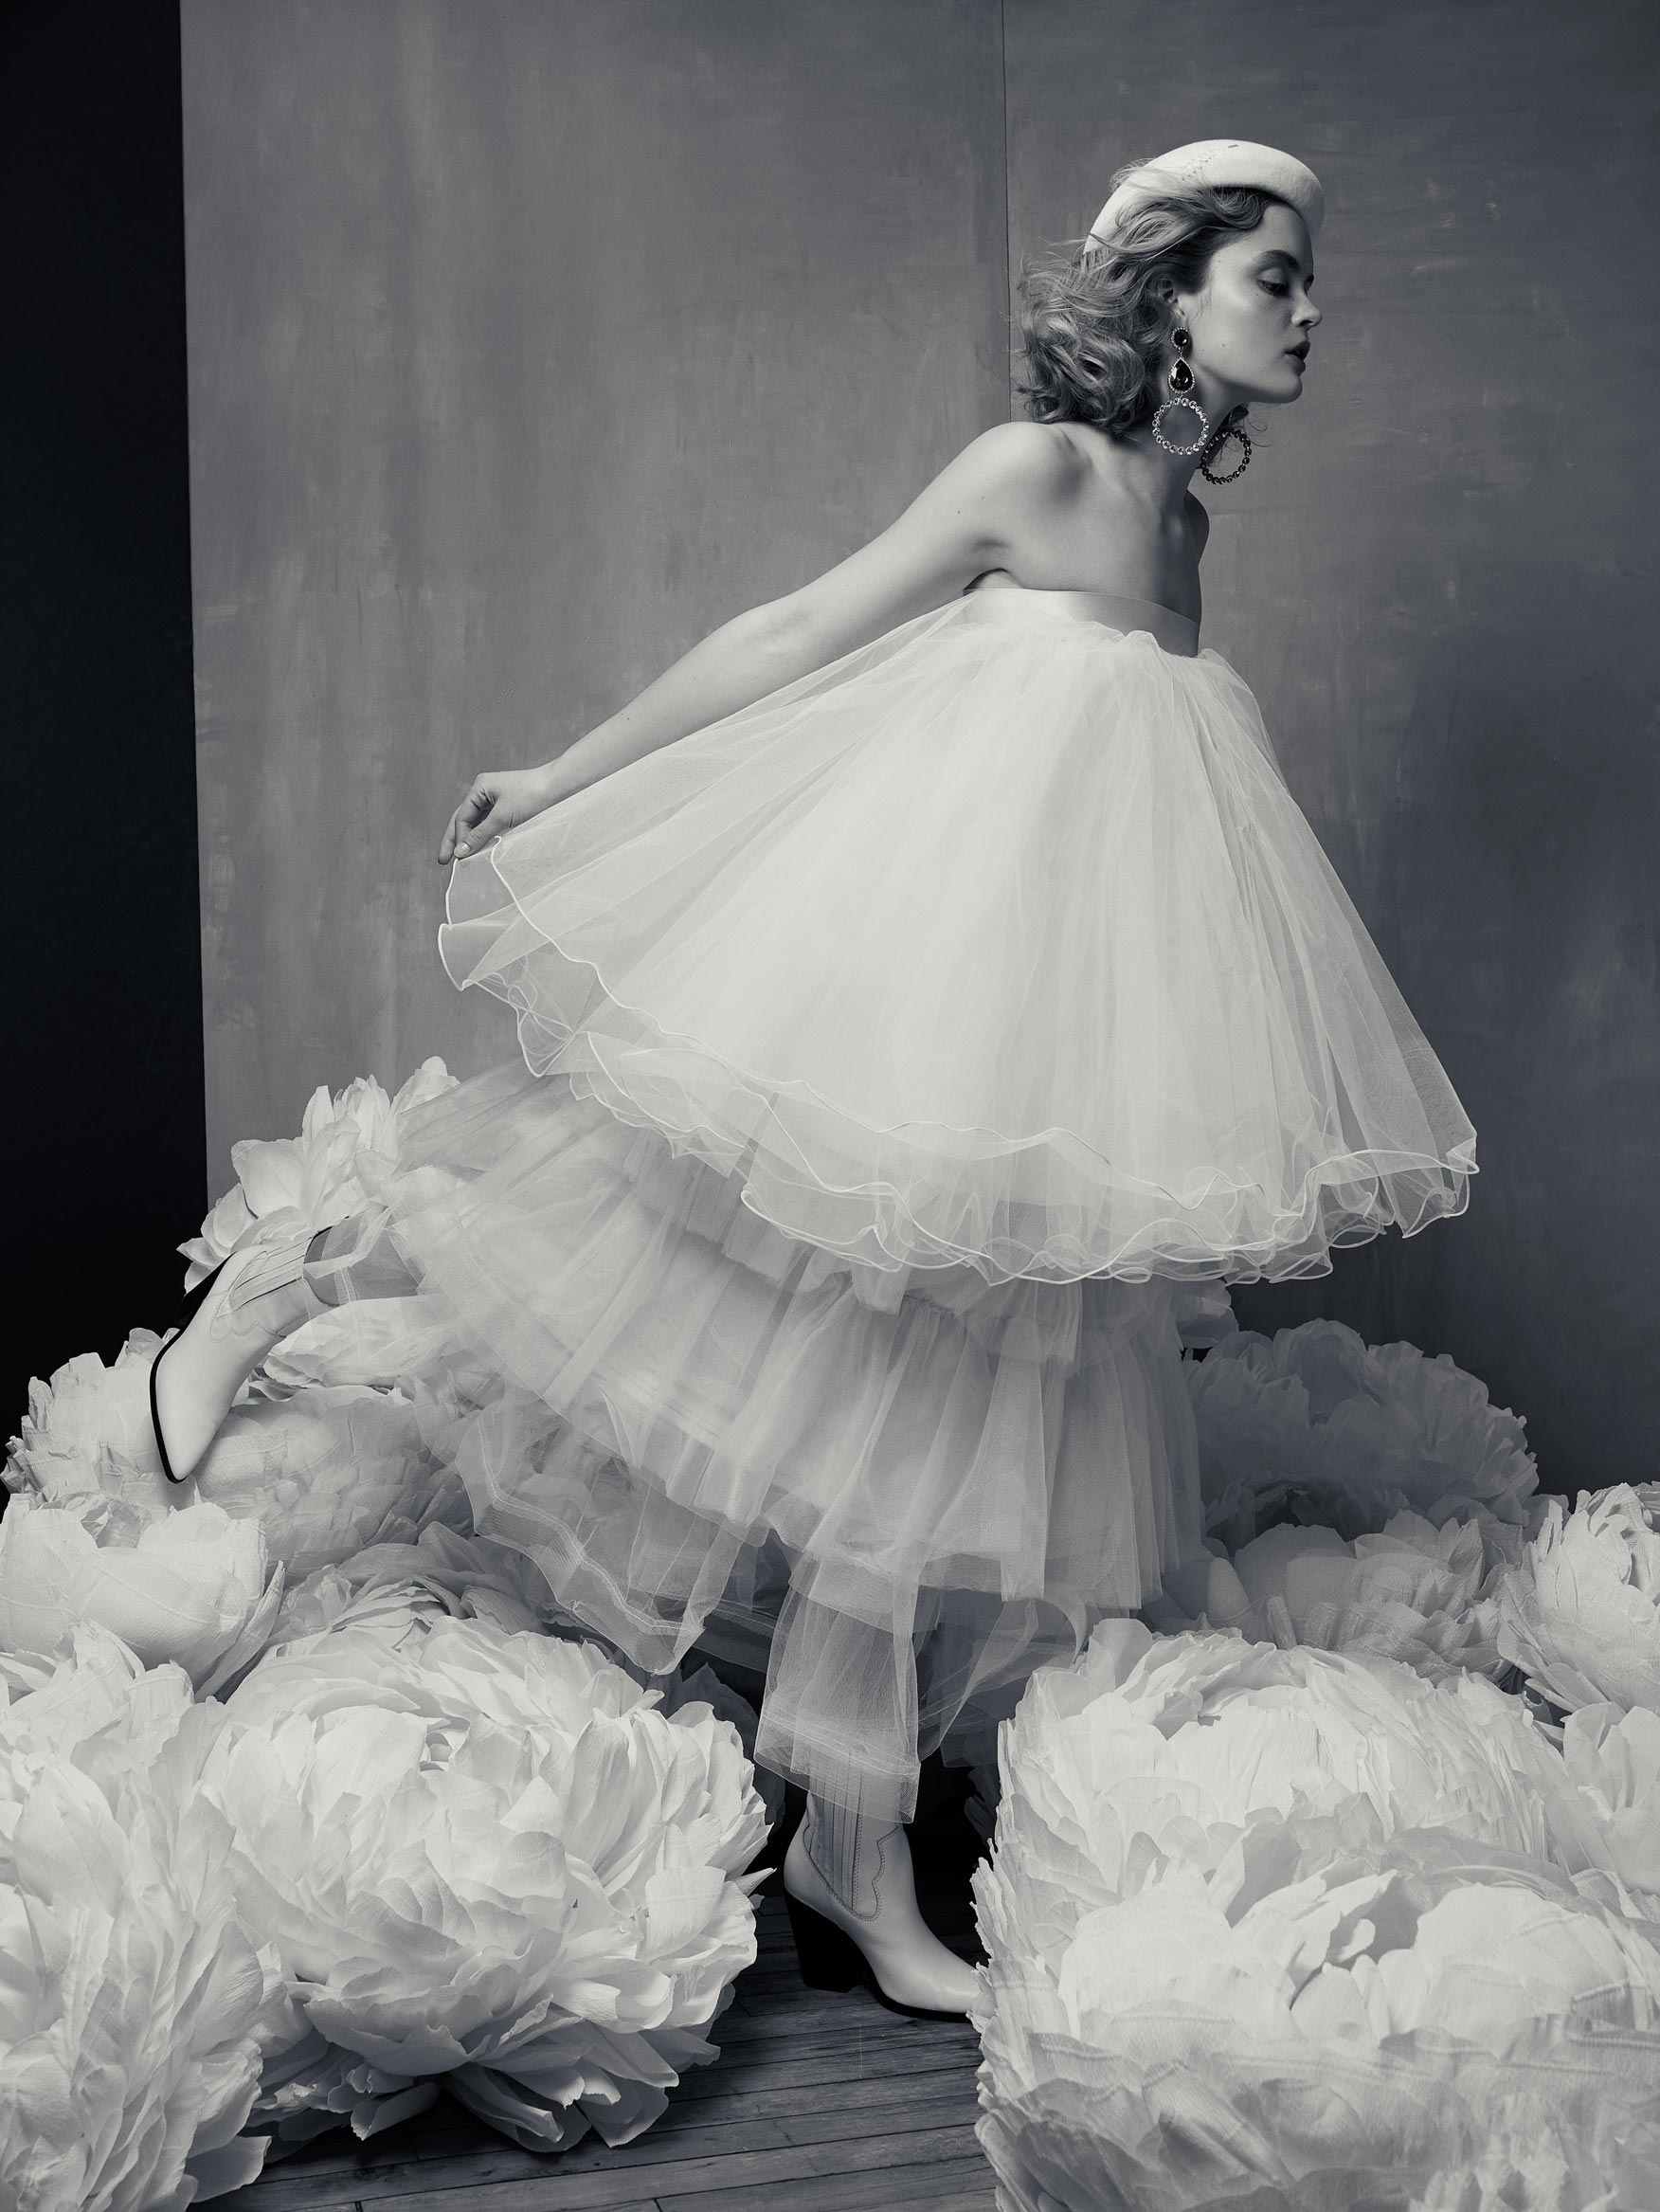 Photo portrait noir et blanc en studio d'une robe en tule et des fleurs géantes